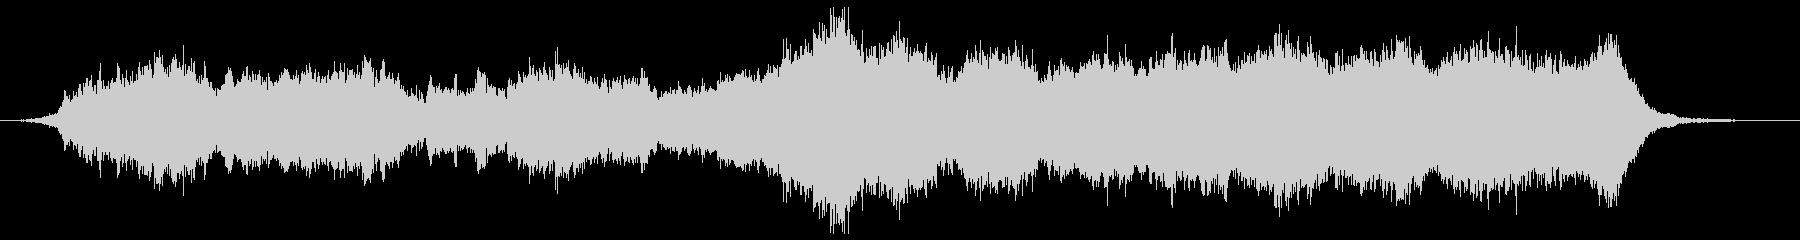 エピックなオーケストラ 分割06の未再生の波形